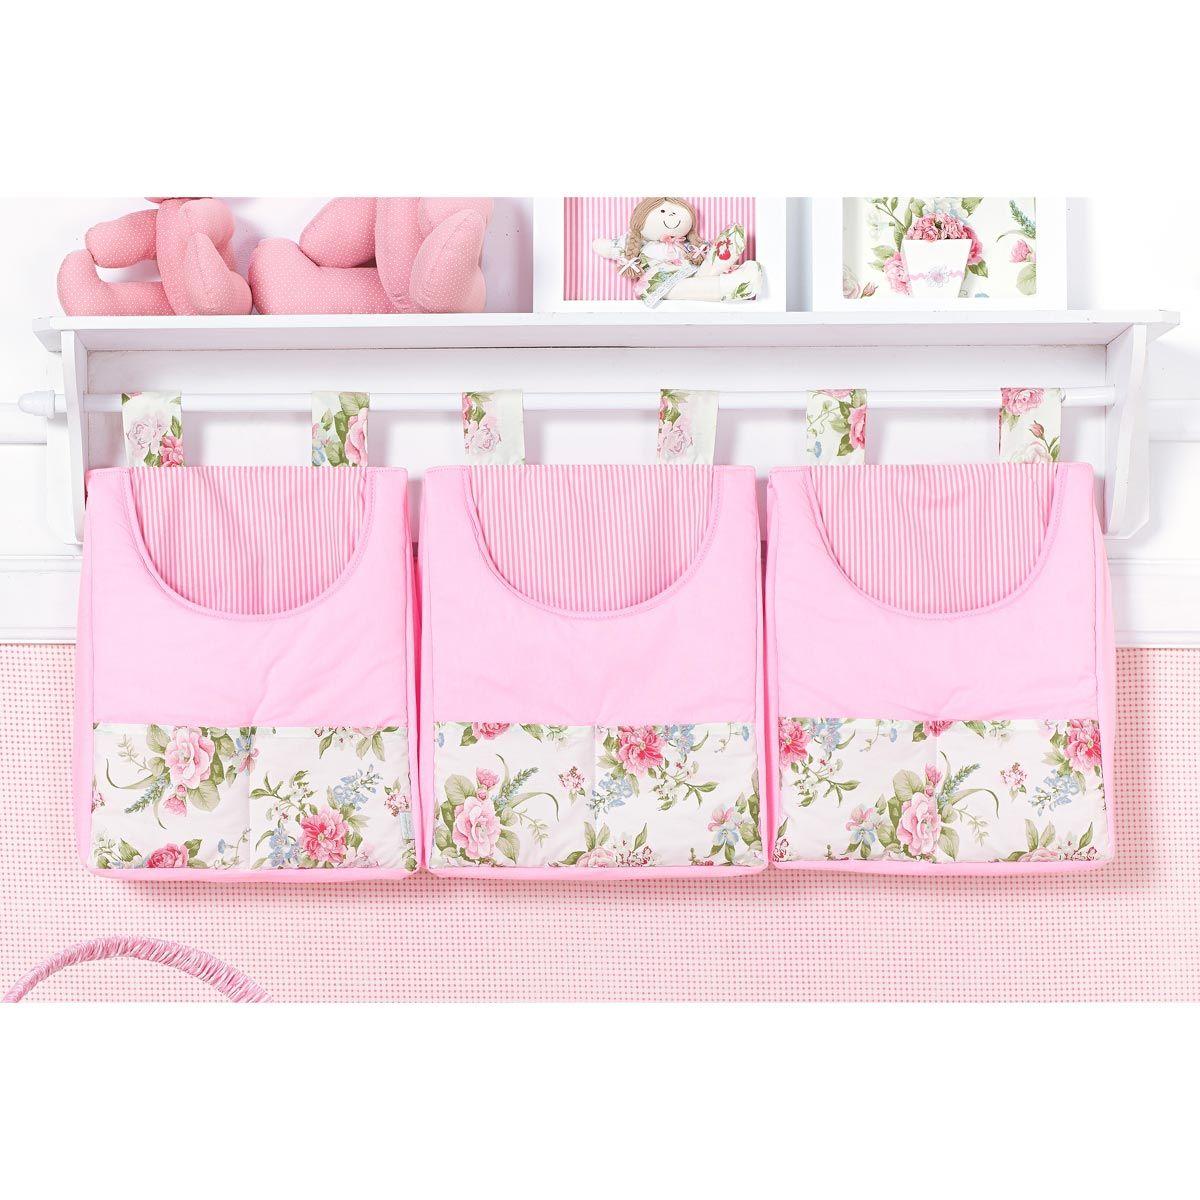 Porta Fraldas de Varão - Coleção Garden Flowers Rosa